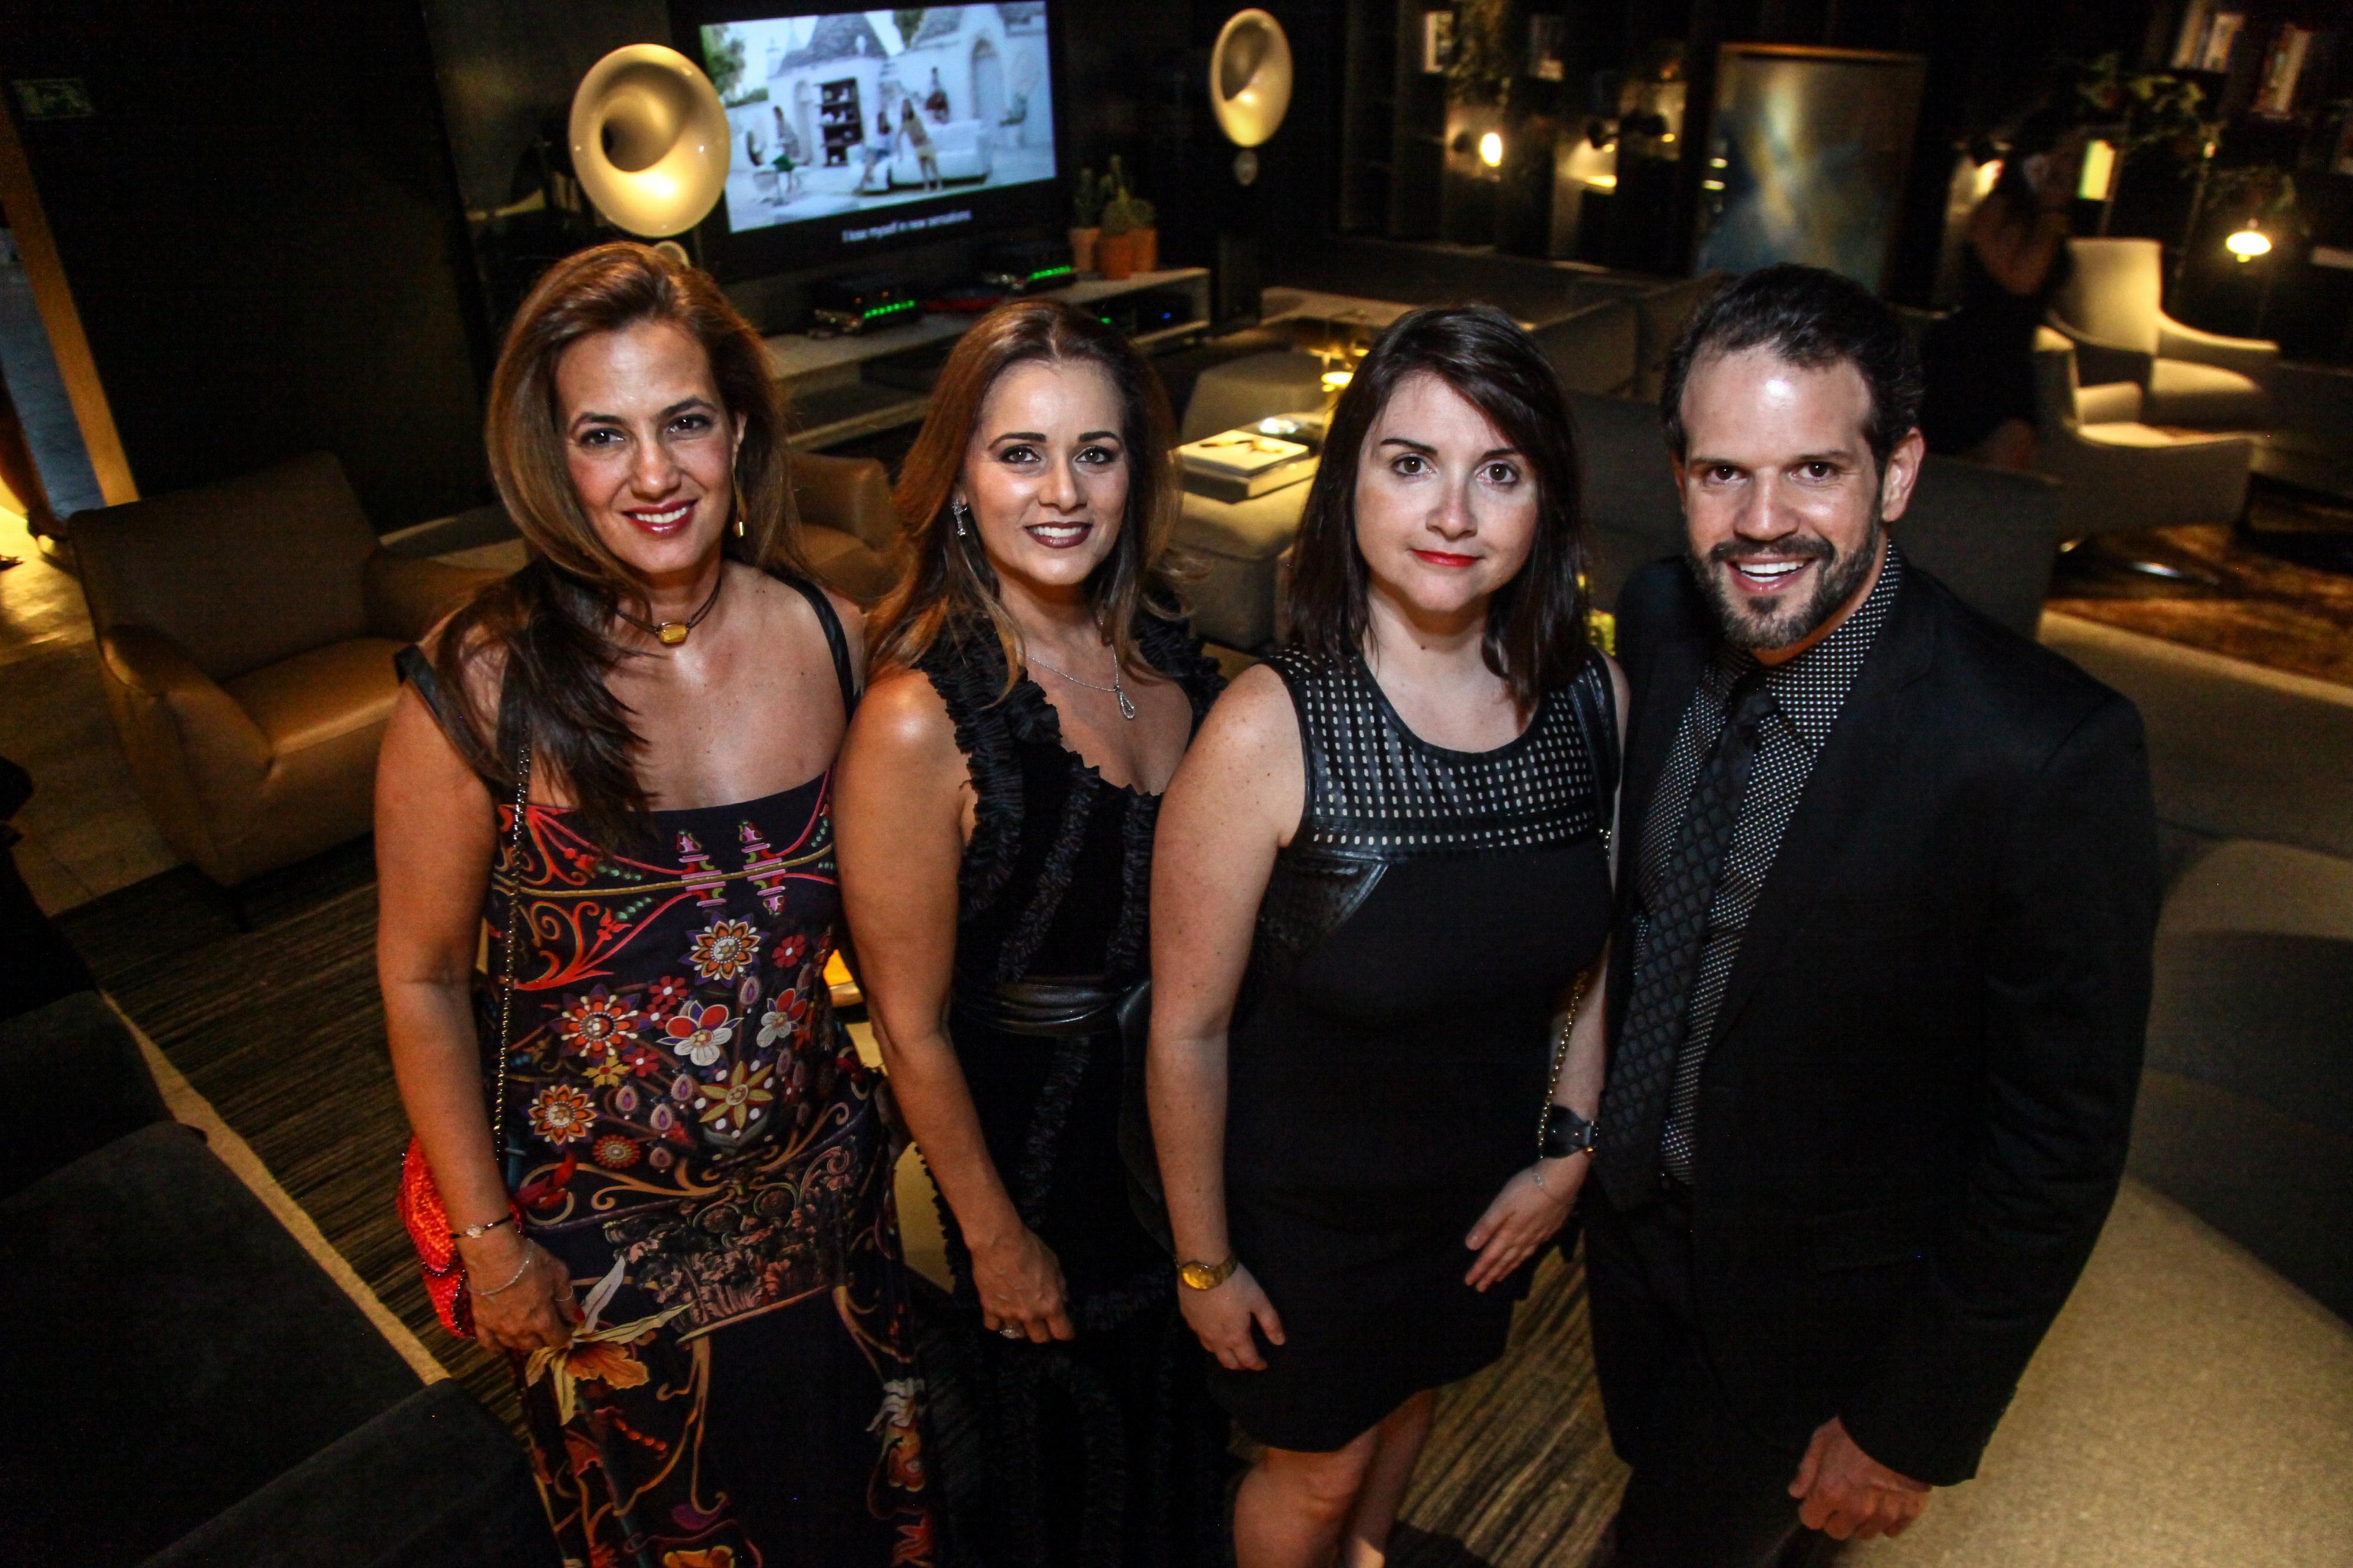 Isabel Veiga, Mônica Pinto, Bianca Giacomelli e Arnaldo Pinho1_crédito_Ariel Costa.jpg